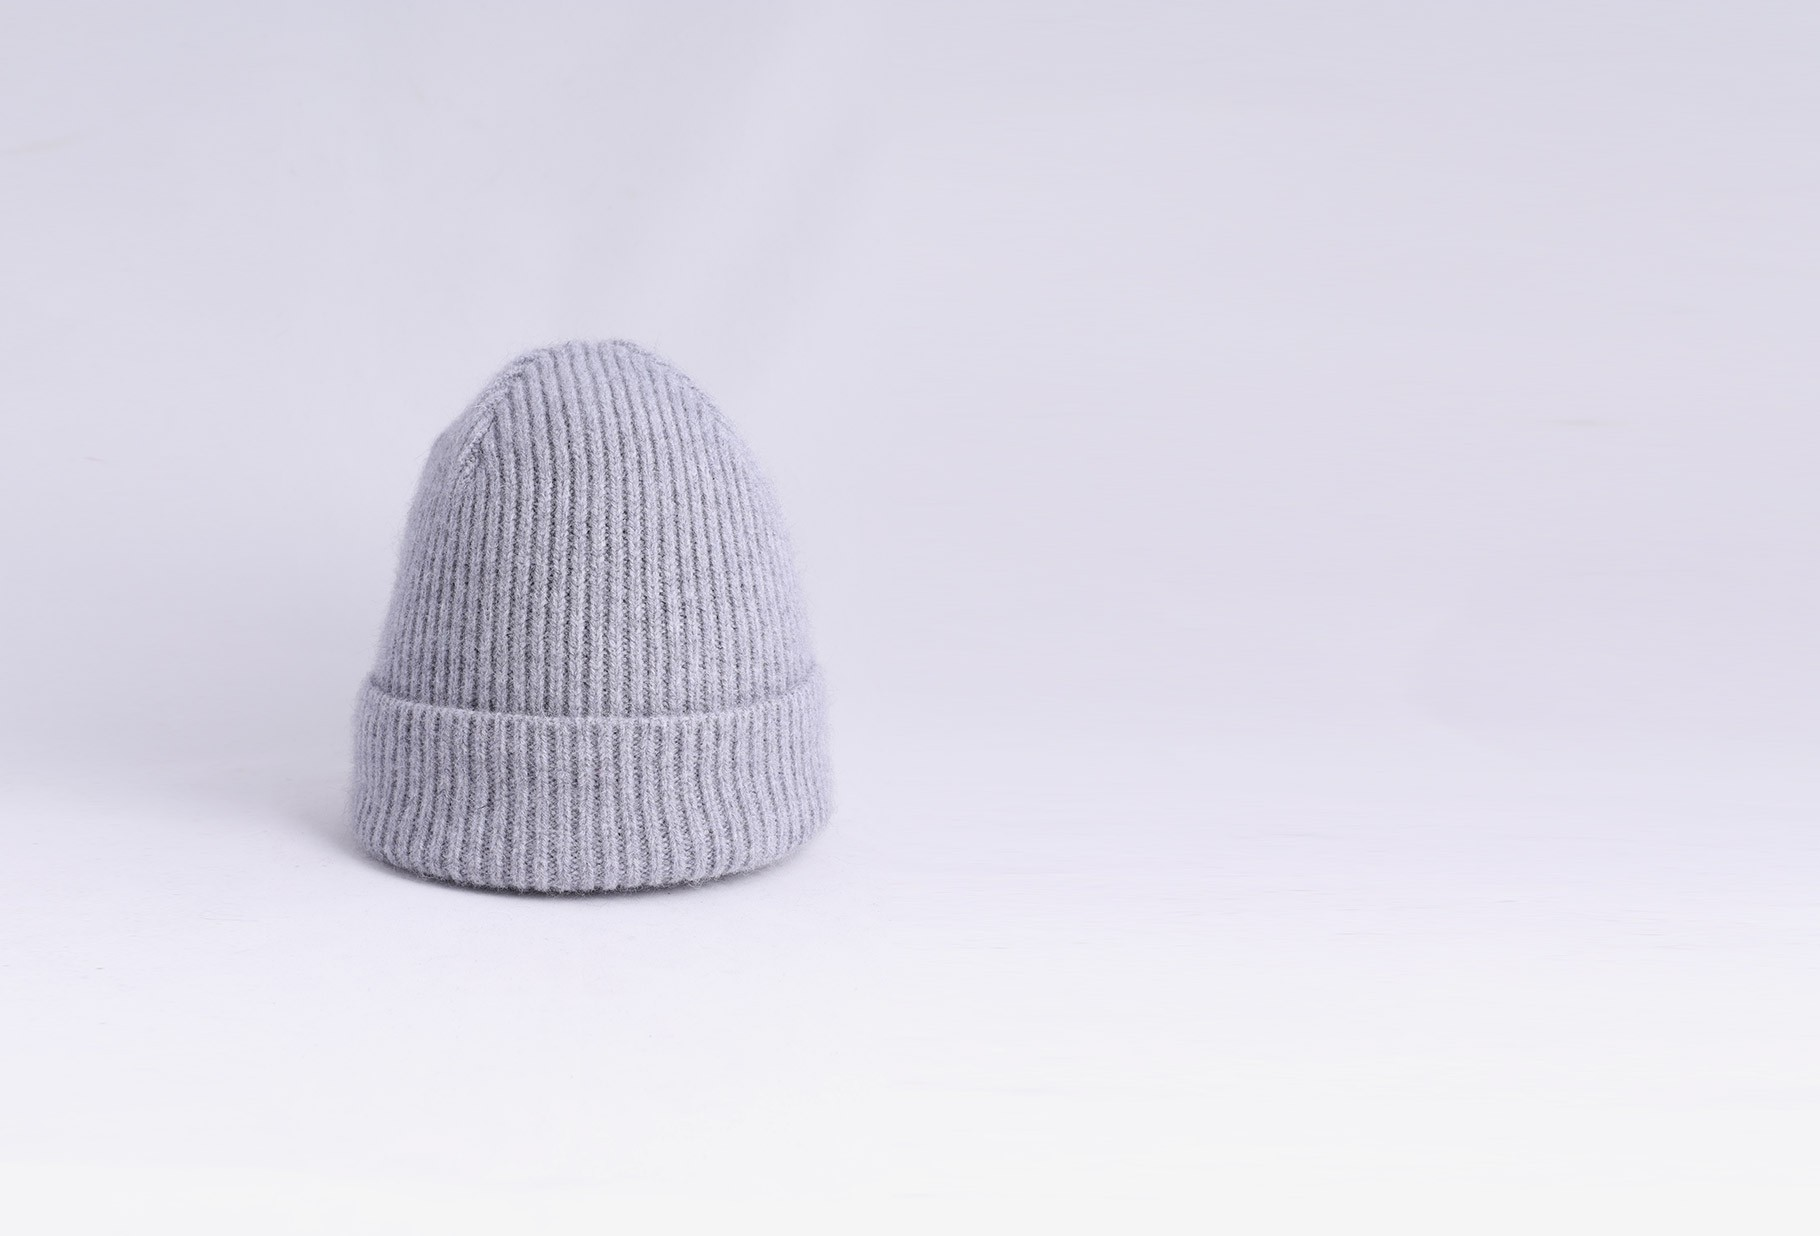 MACKIE / Barra hat Shingle